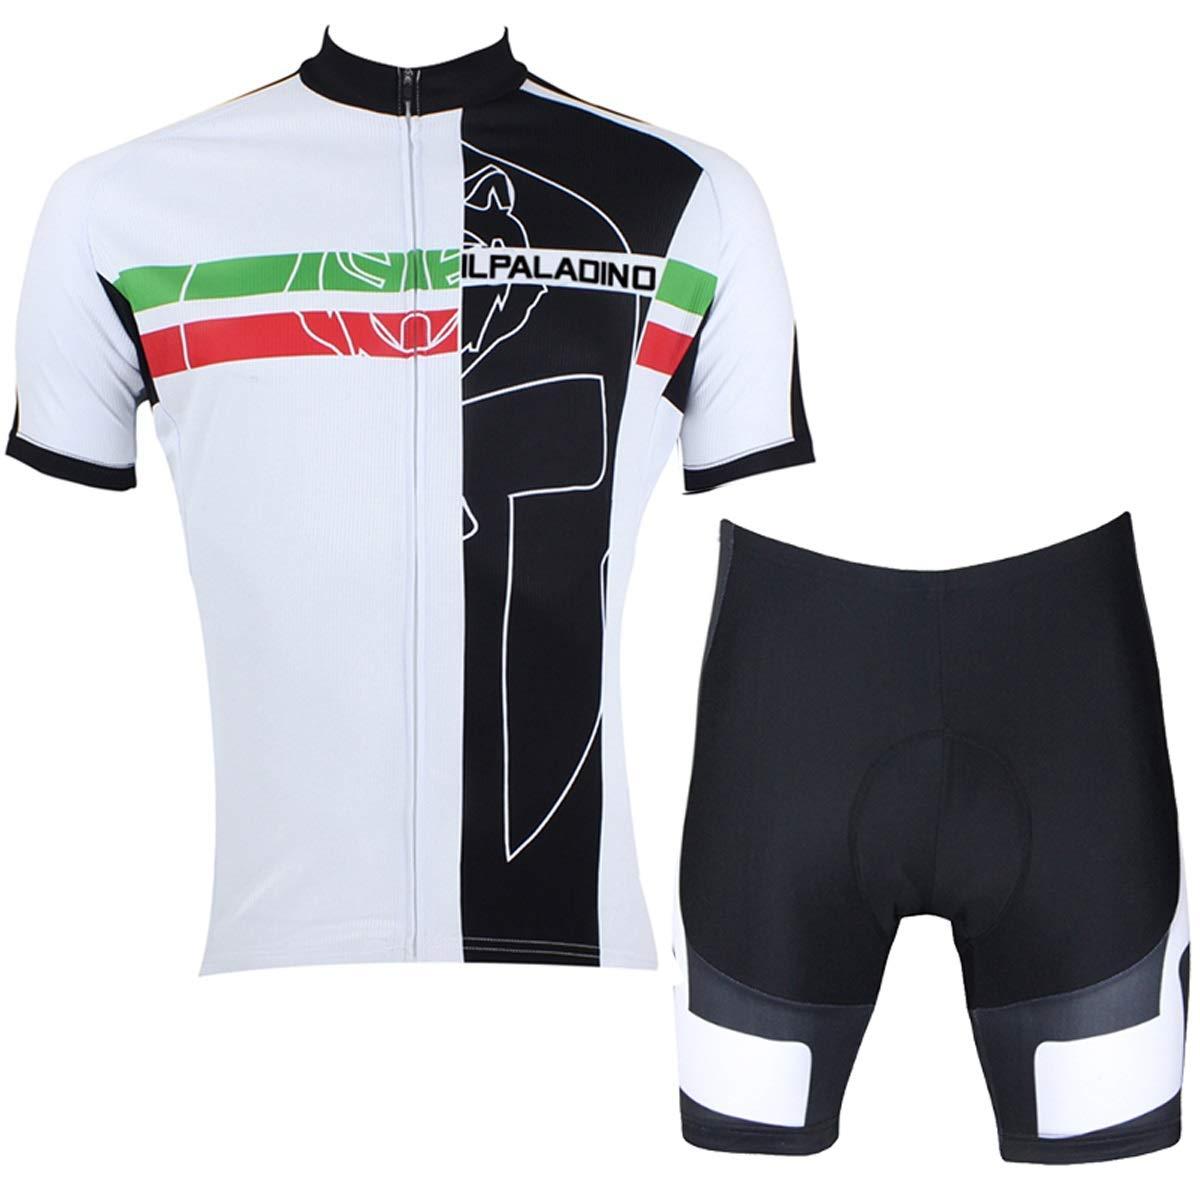 Fahrrad Reitanzug Mountainbike Reitanzug Herren Sommer Reithose Unterwäsche Shorts Bike Jersey Fahrradtrikot LPLHJD